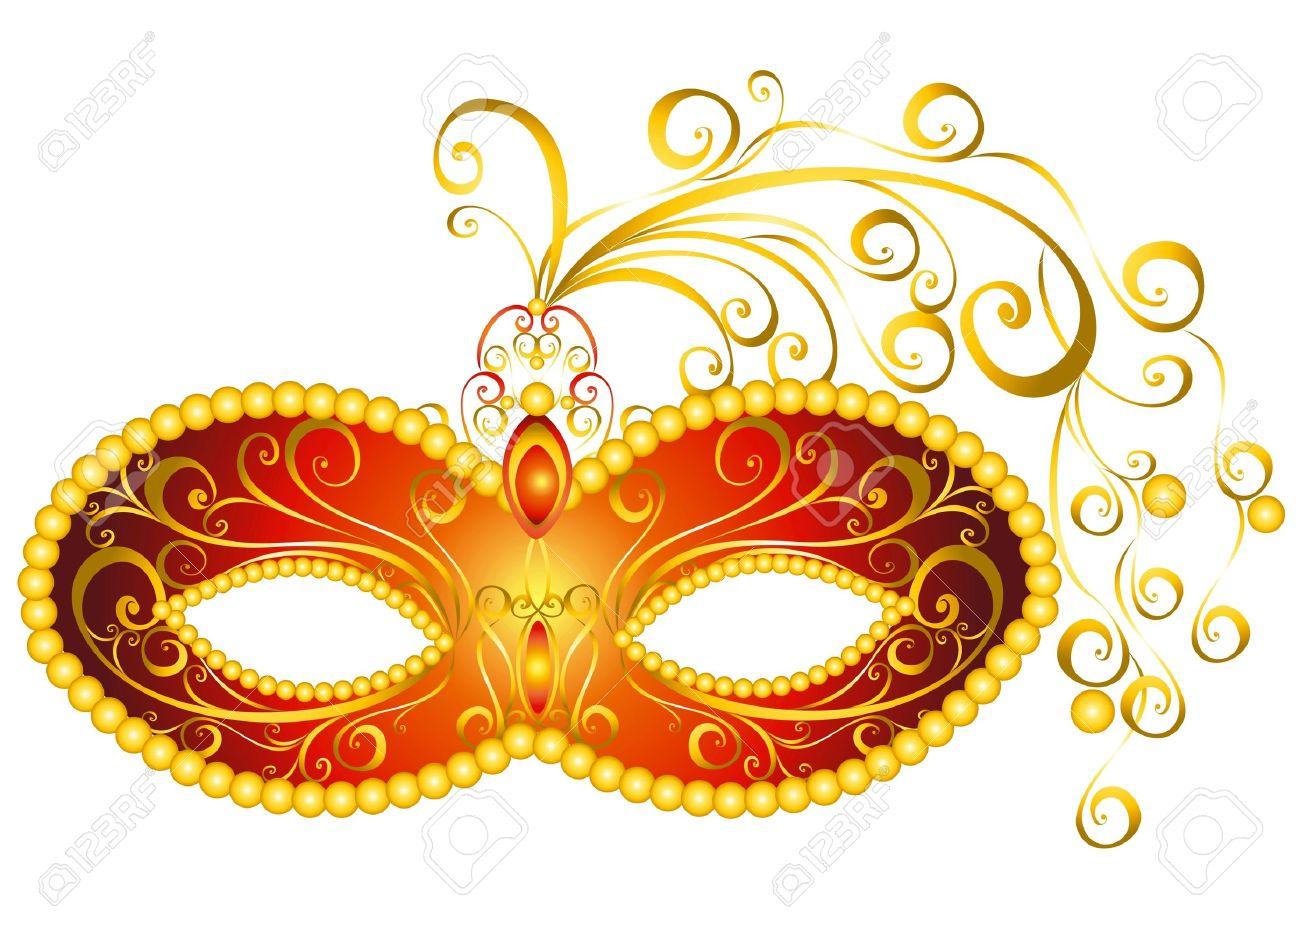 Masks for a masquerade  Vector party mask Stock Vector - 16258345